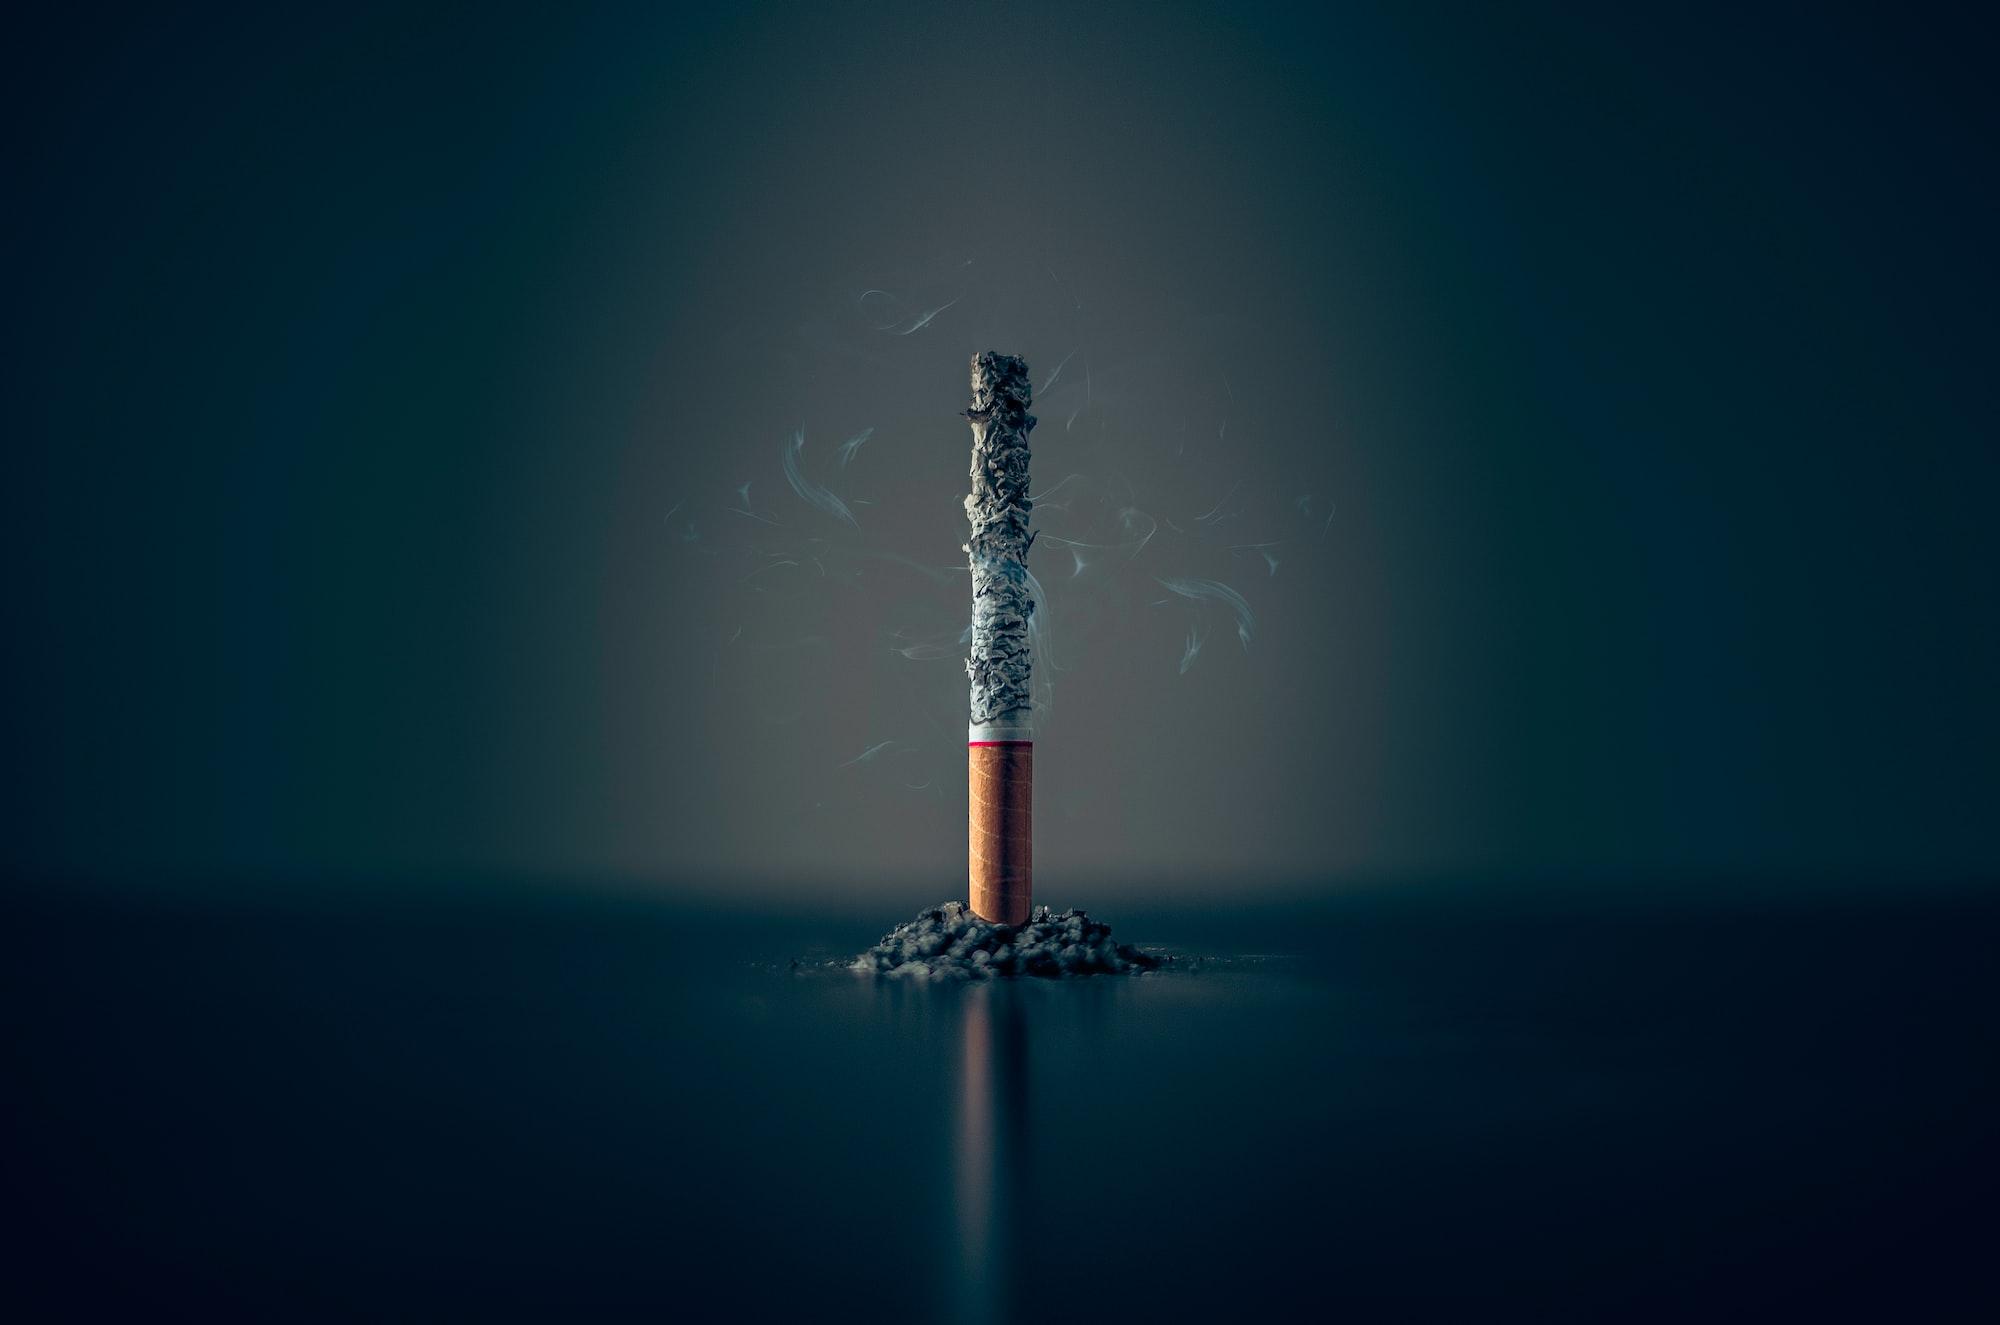 Tütün Yapraklarından Çıkarılan Ve Sigarada Bulunan Zehirli Madde Bulmaca Anlamı Nedir?